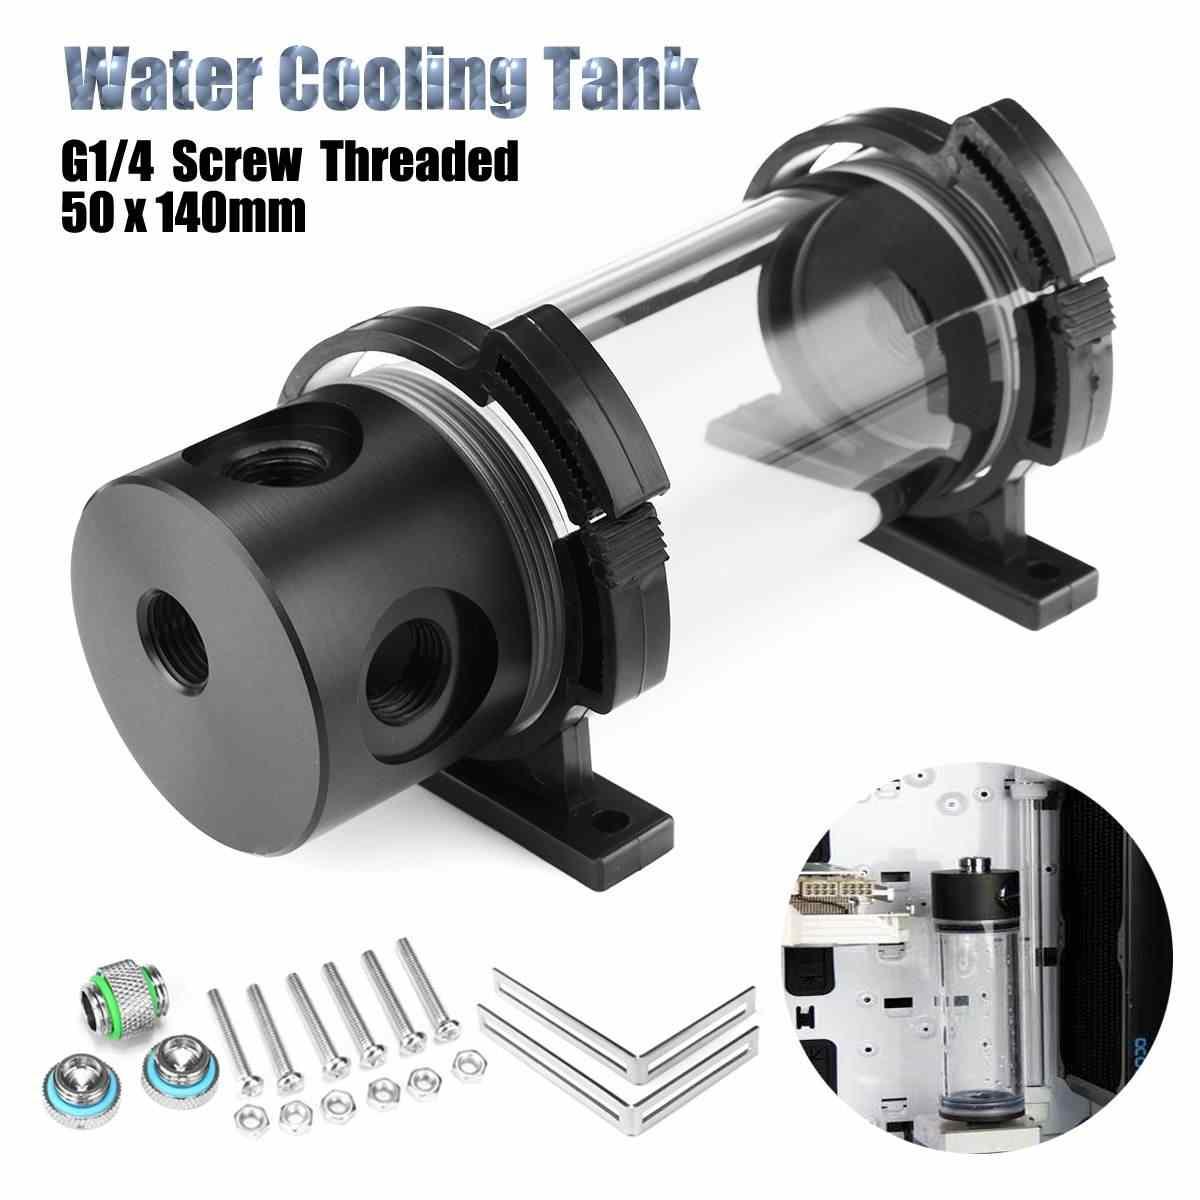 50 ミリメートル × 140 ミリメートル水冷却タンク G1/4 スレッドシリンダ水槽クーラーセット Pc 液体冷却ツール L 字型バックル